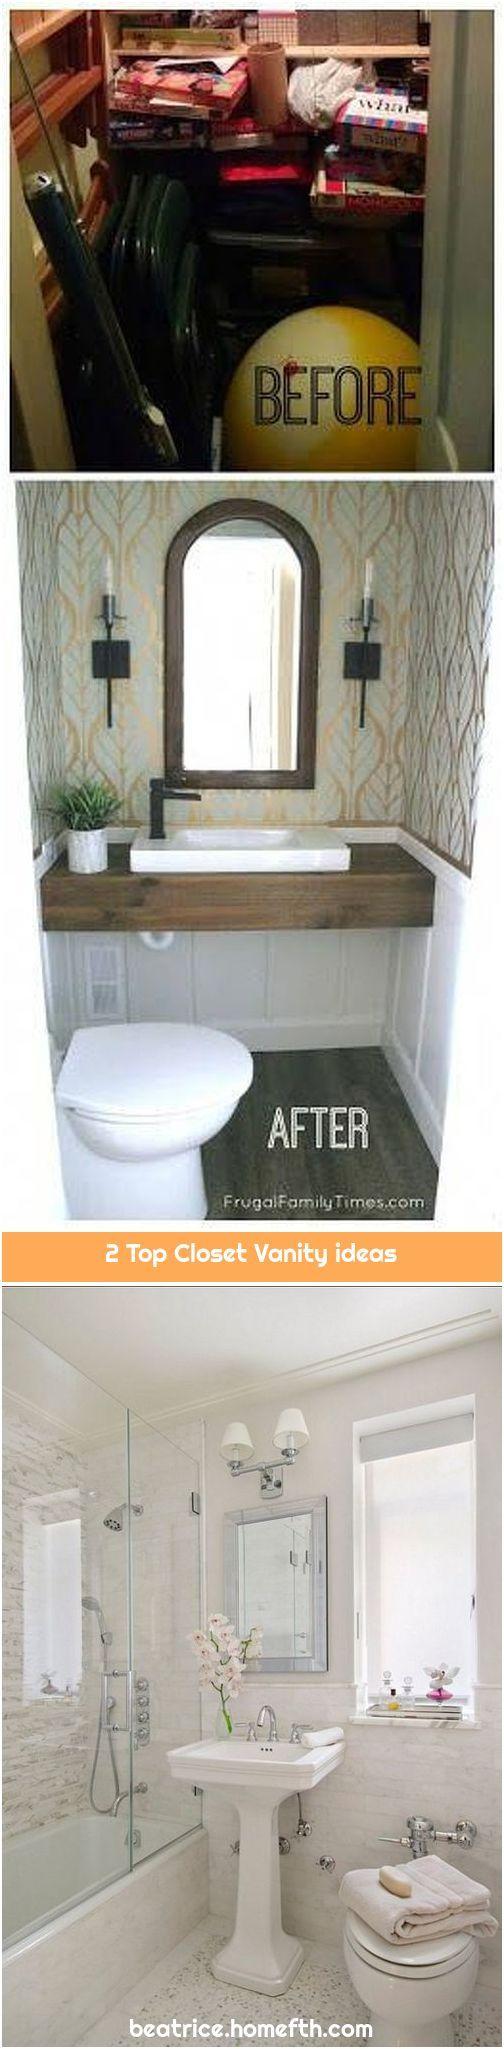 2 Top Closet Vanity Ideas Closet Vanity Add A Bathroom Round Mirror Bathroom